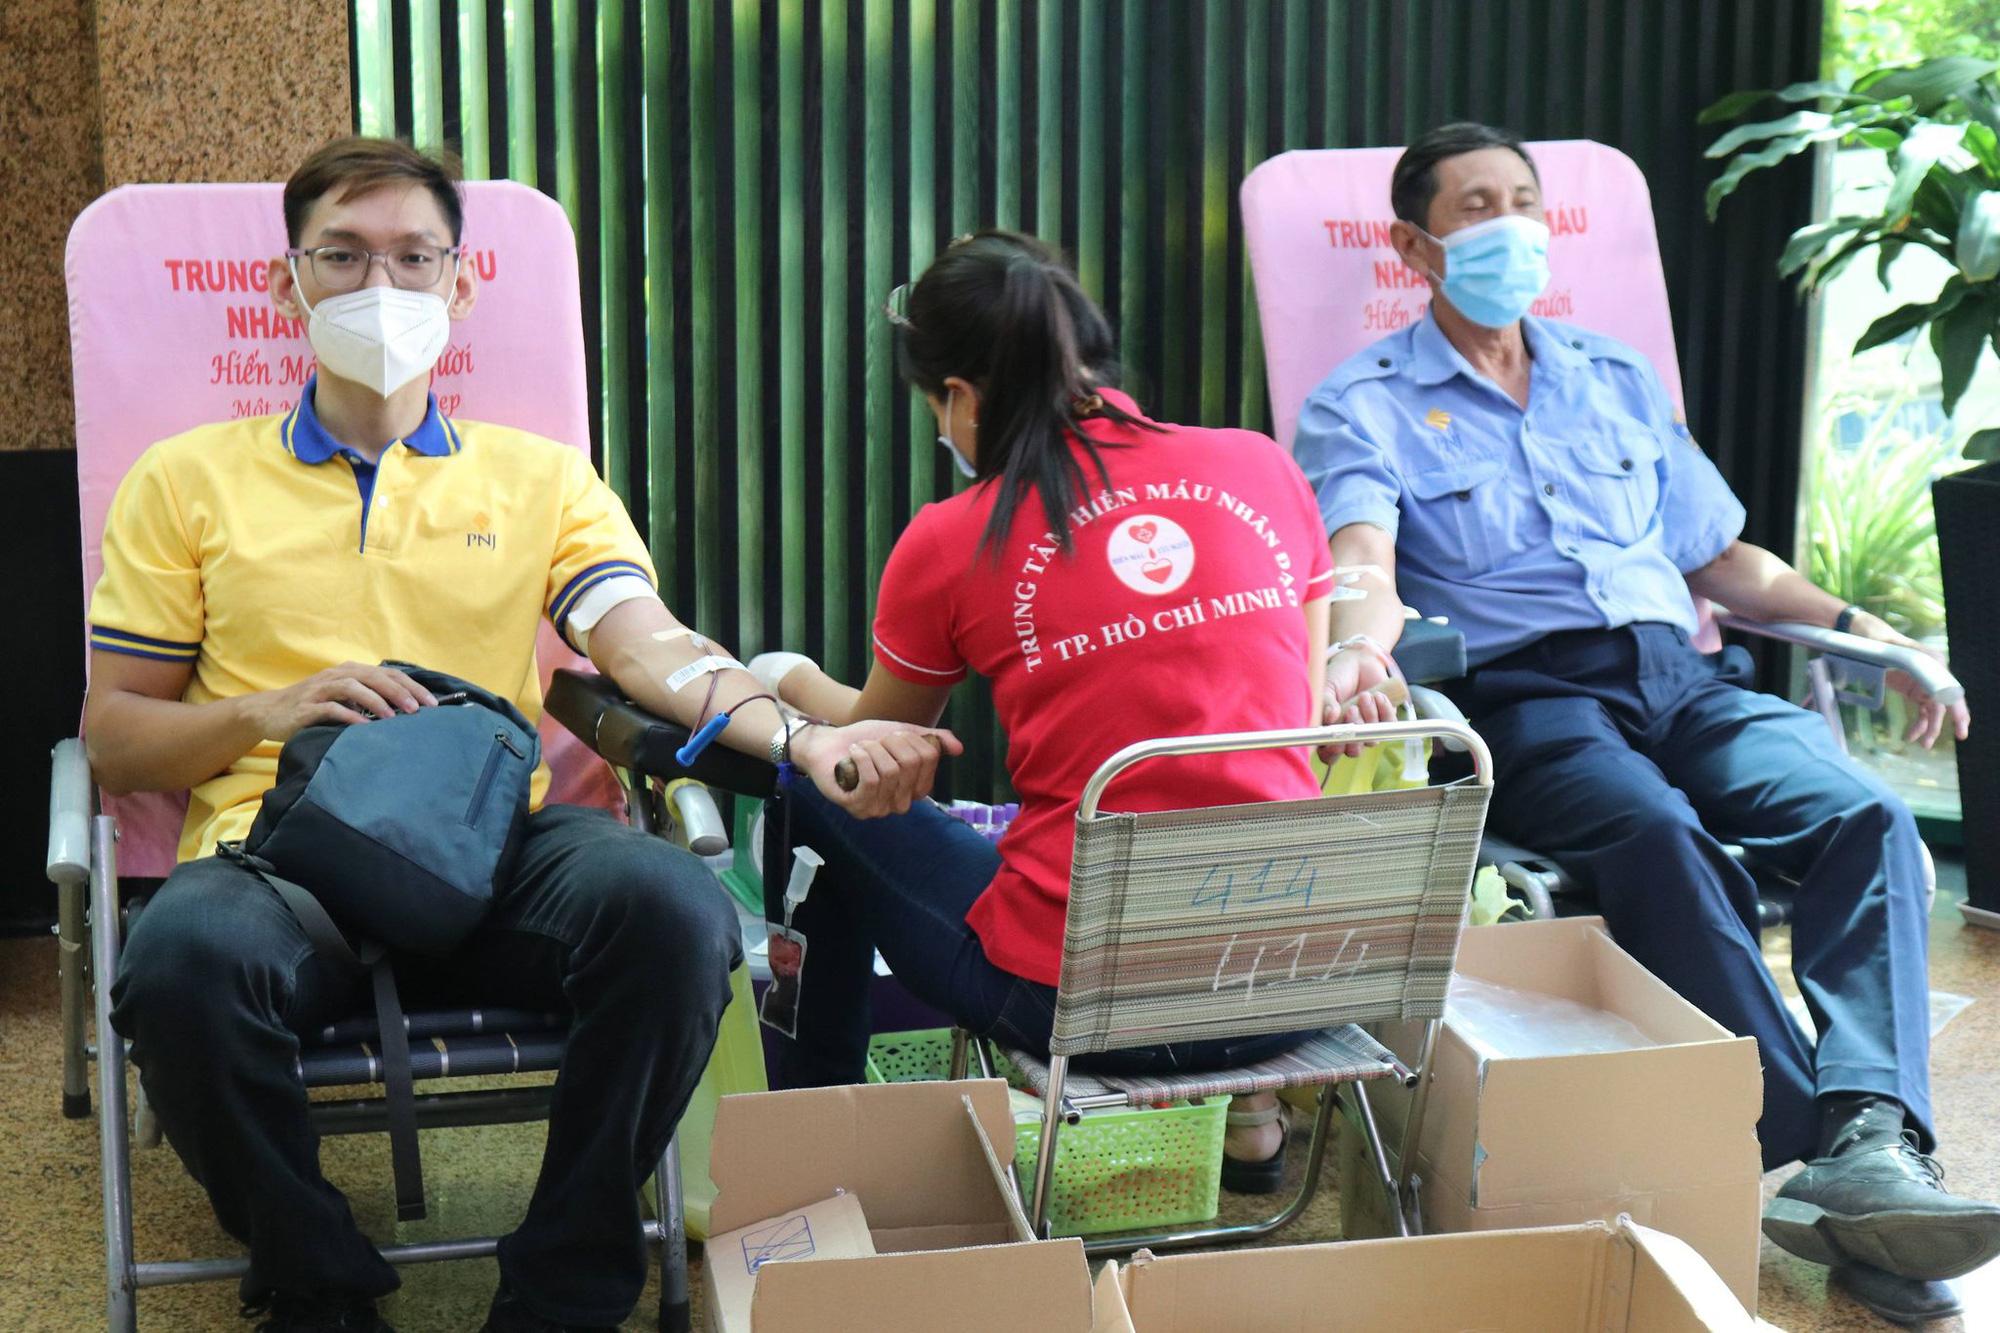 PNJ tổ chức hiến máu nhân đạo, bổ sung nguồn máu dự trữ đang cạn kiệt của TP.HCM - Ảnh 2.